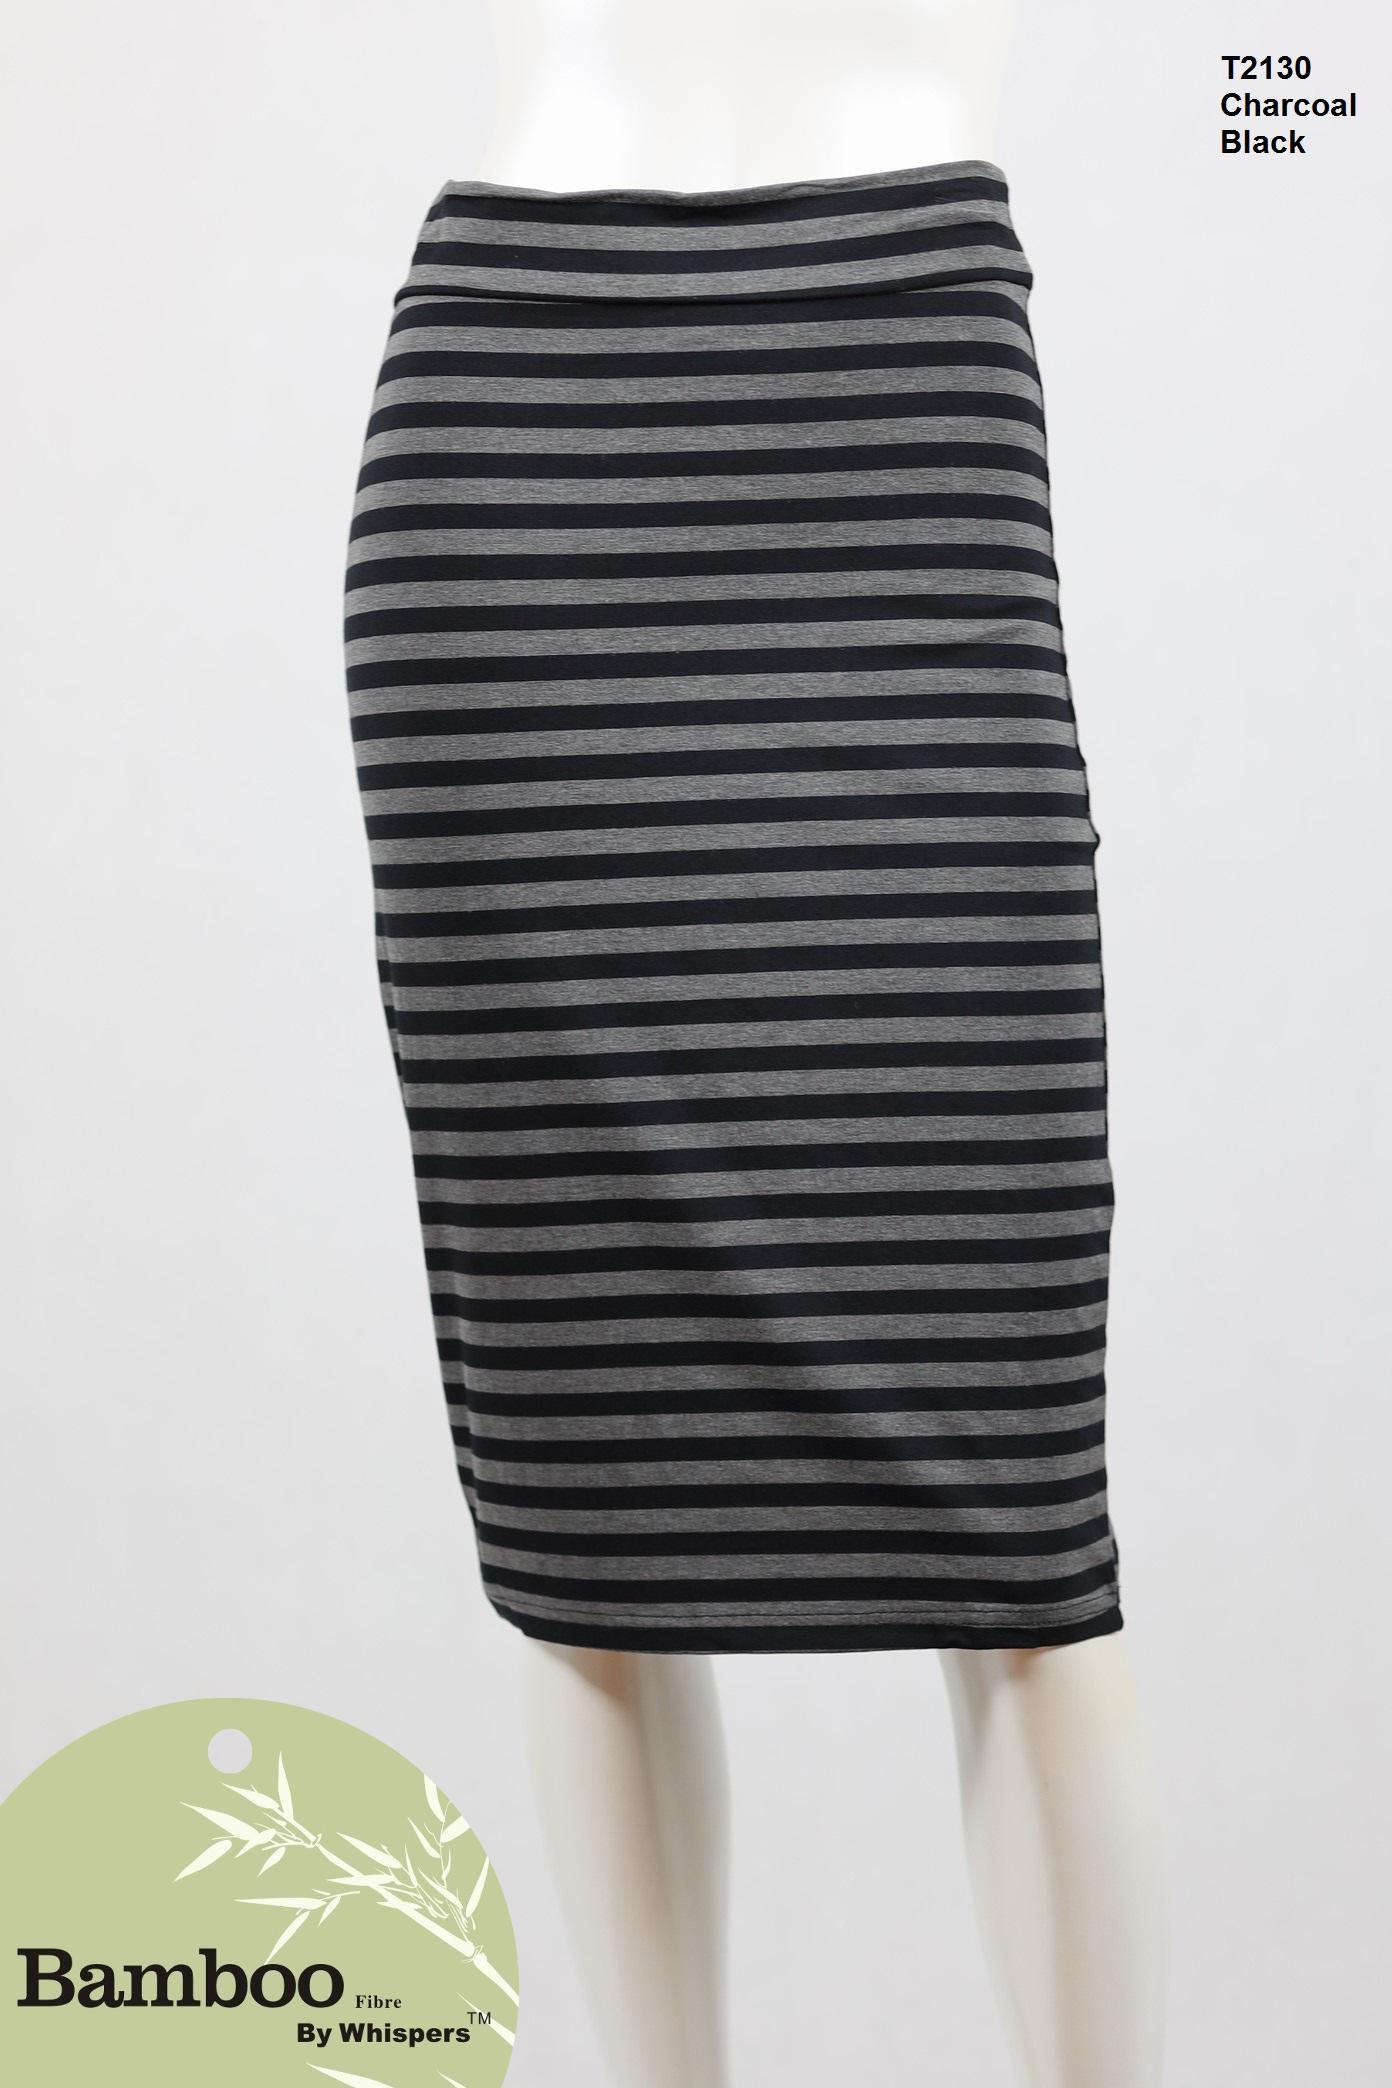 T2130-Bamboo Skirt-Charcoal Black.JPG